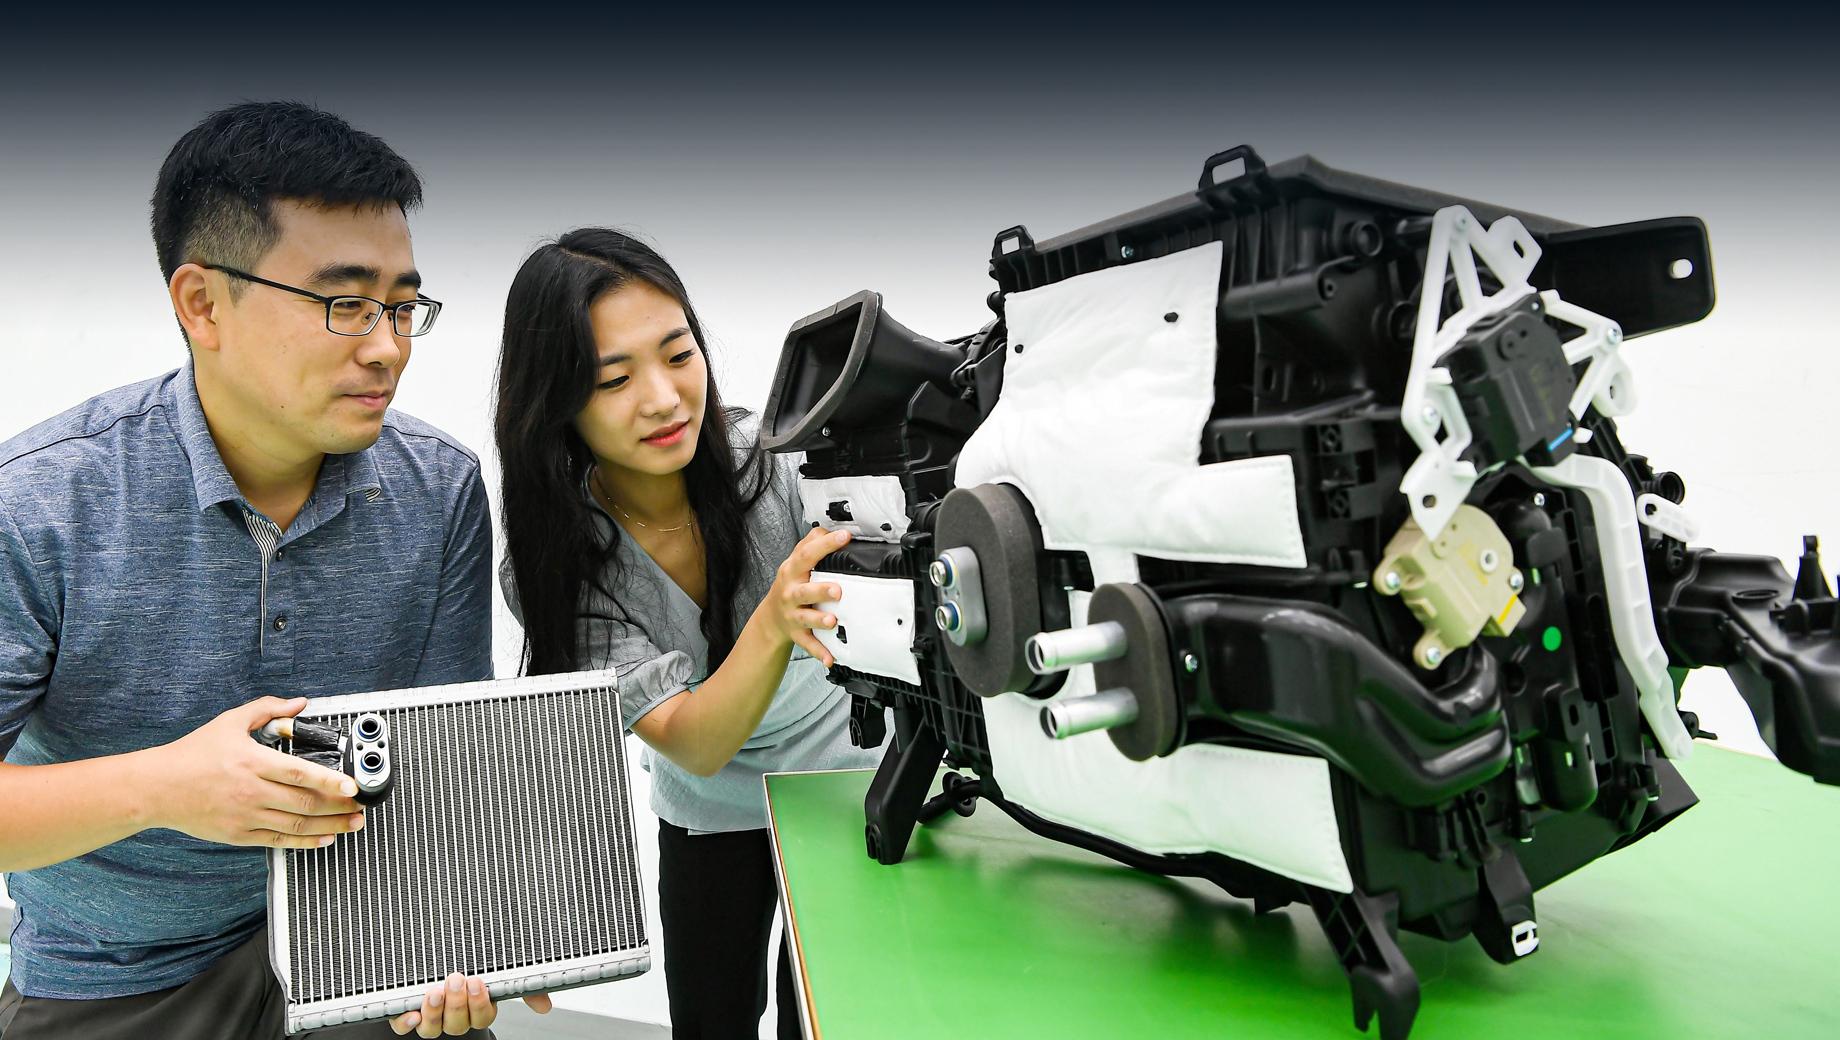 Технология Hyundai Quality Air сделает воздух безопаснее